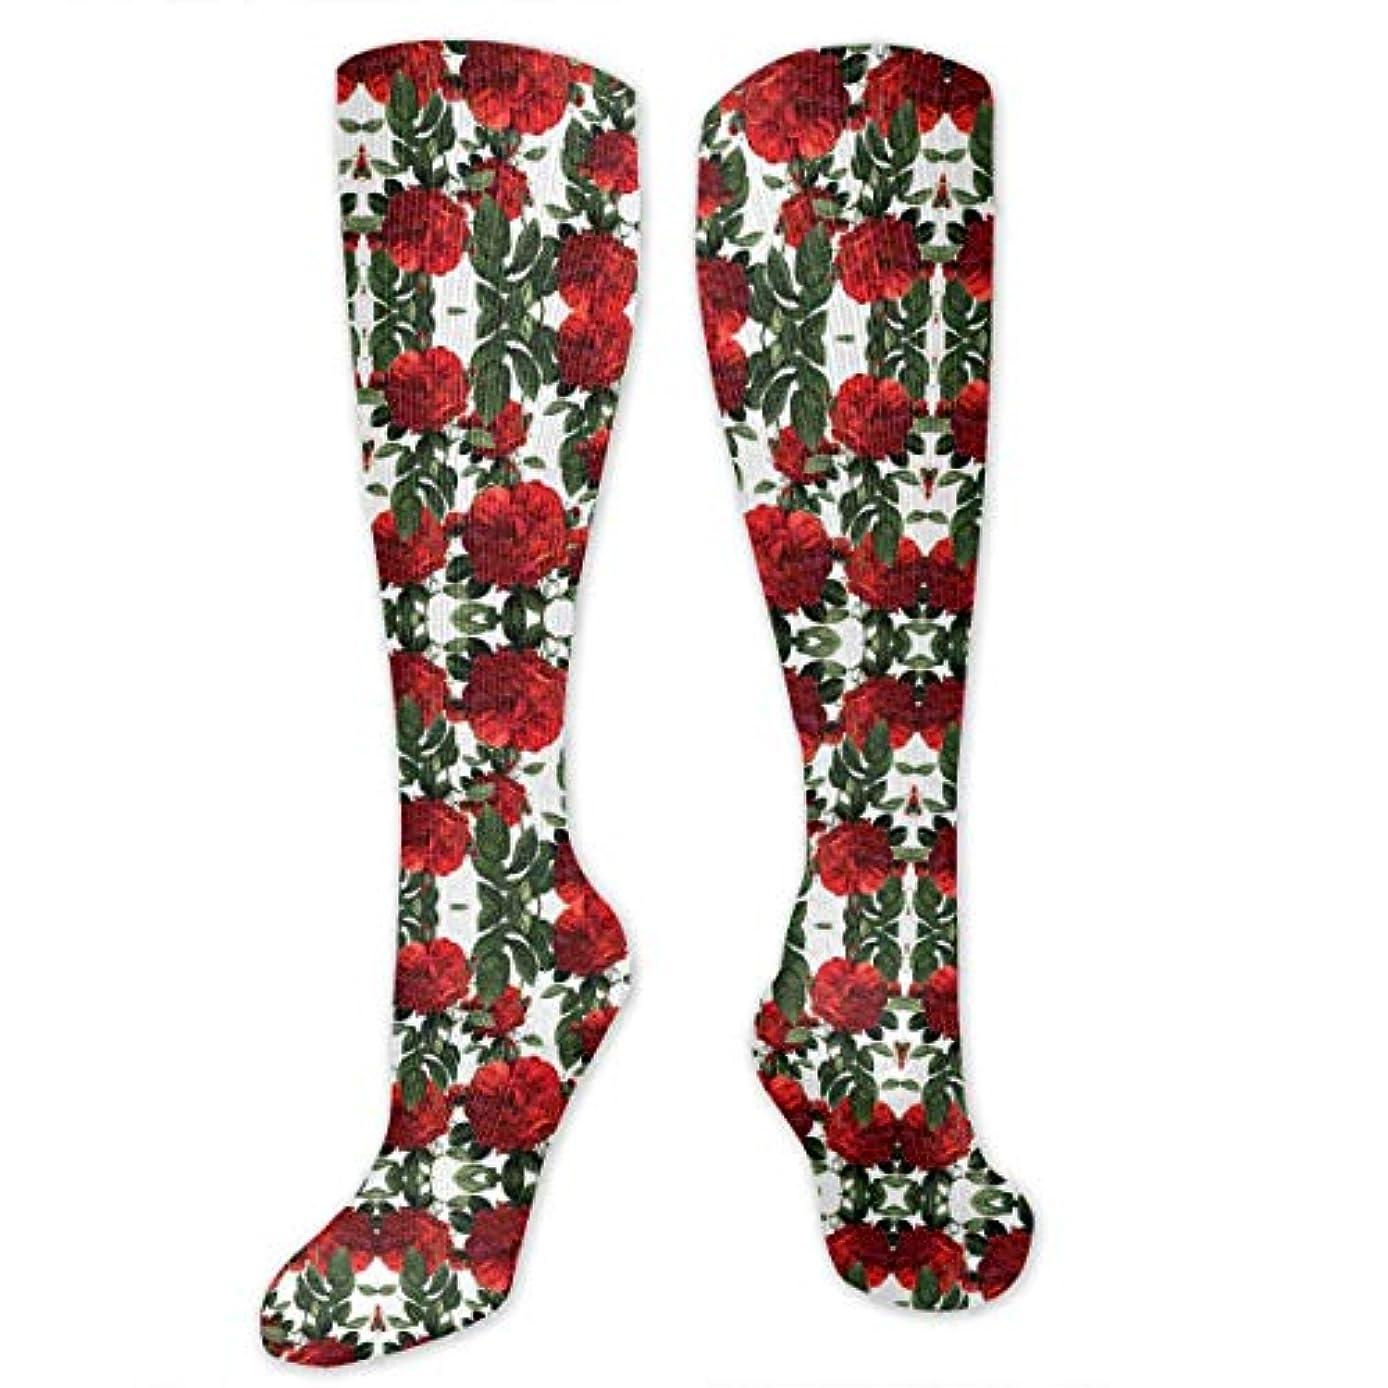 対処とても多くの失う靴下,ストッキング,野生のジョーカー,実際,秋の本質,冬必須,サマーウェア&RBXAA Roses Riot Red Socks Women's Winter Cotton Long Tube Socks Cotton...